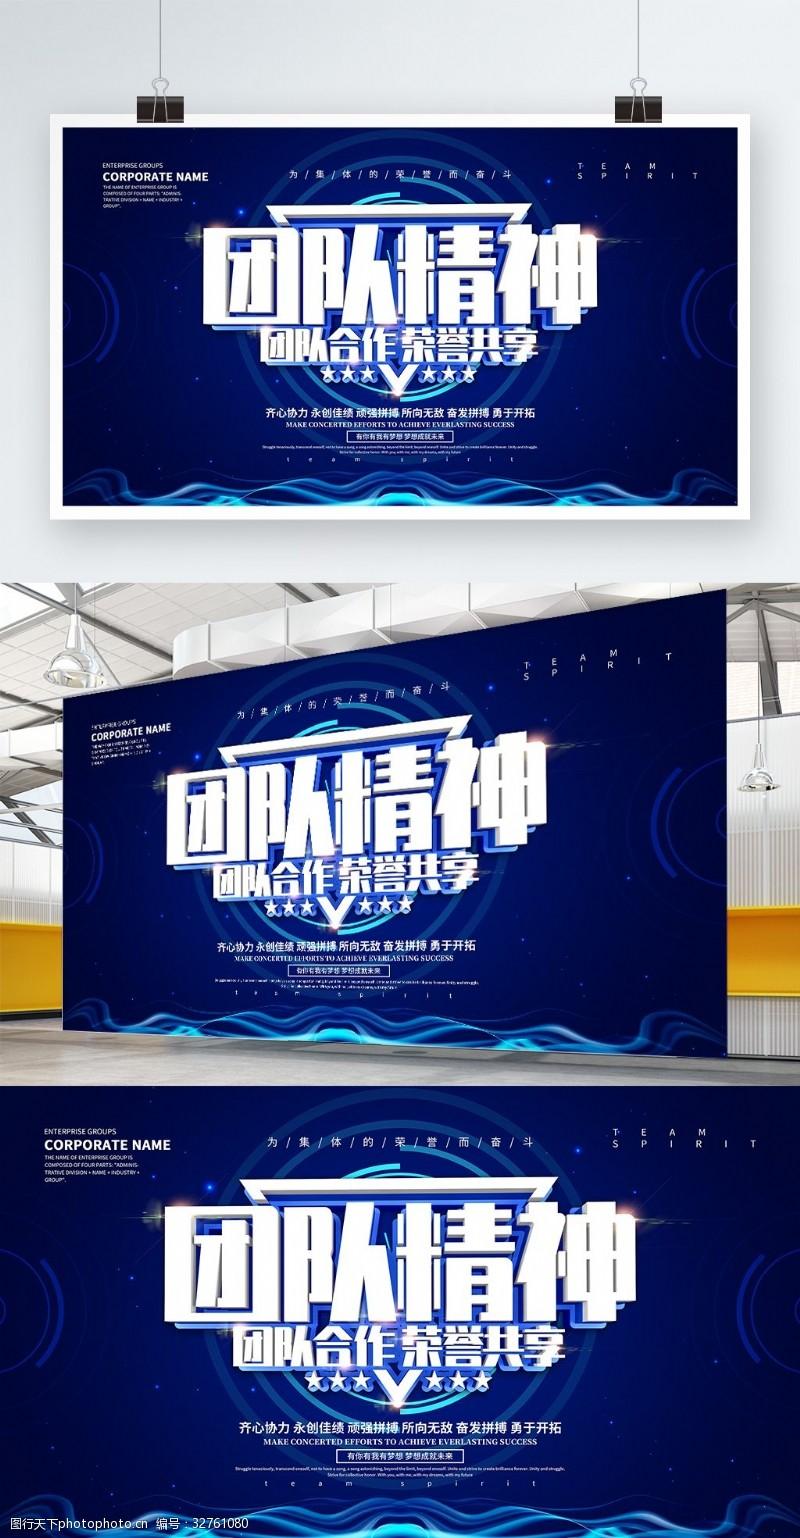 藍色科技風團隊精神企業展板設計